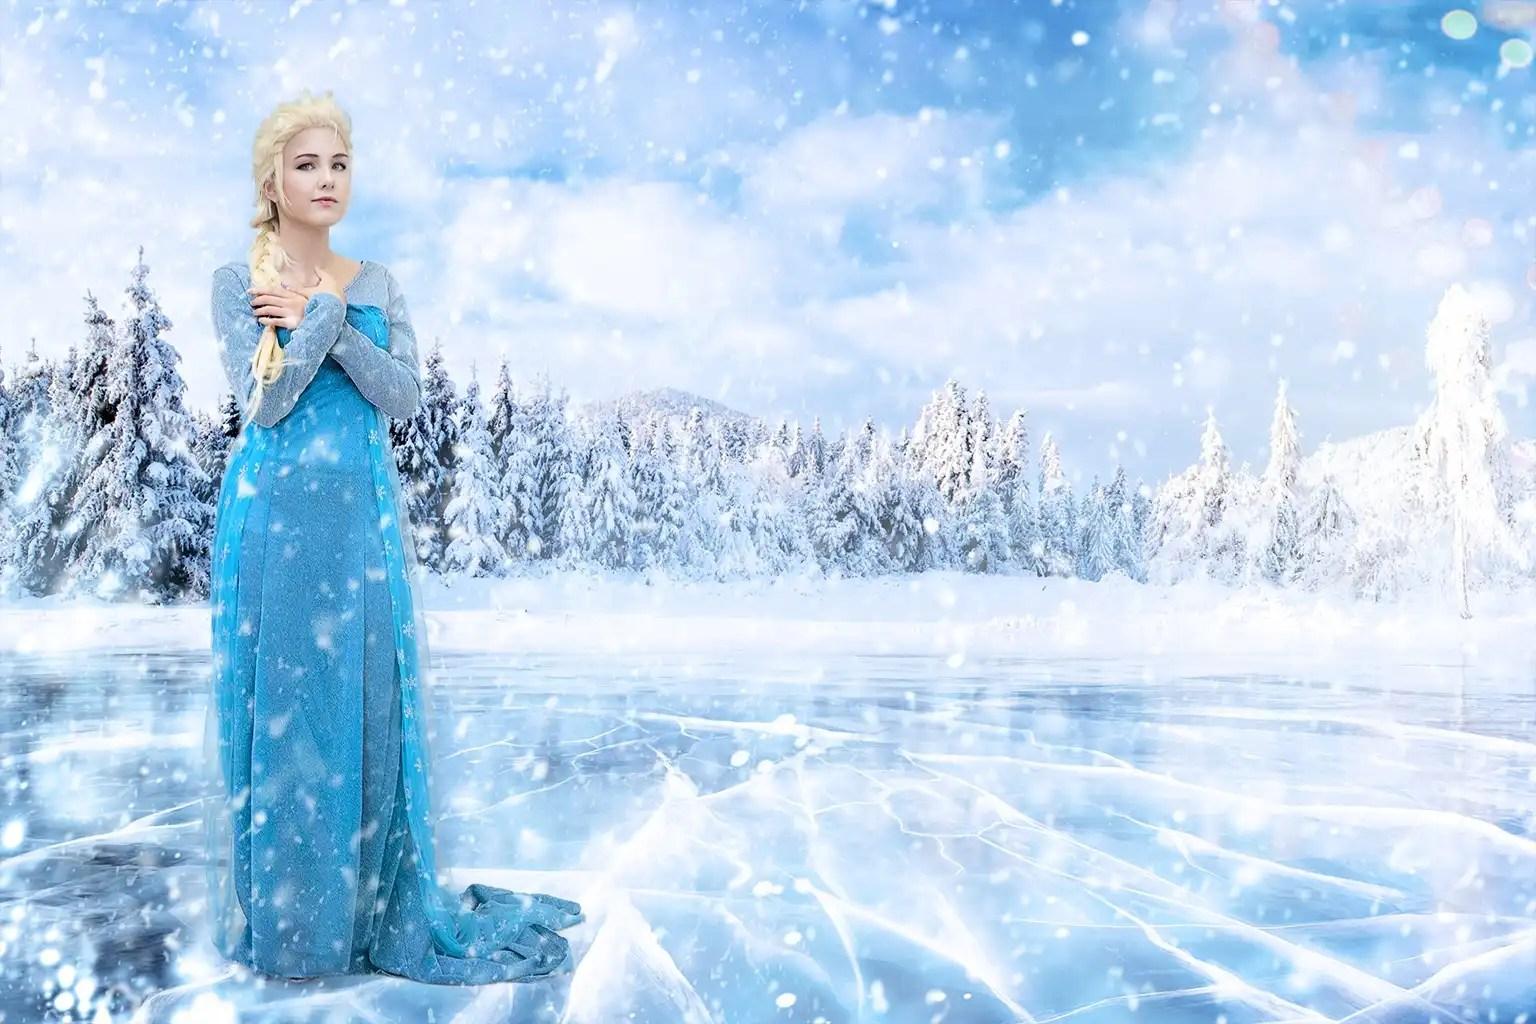 Il cosplay di Elsa la principessa di ghiaccio